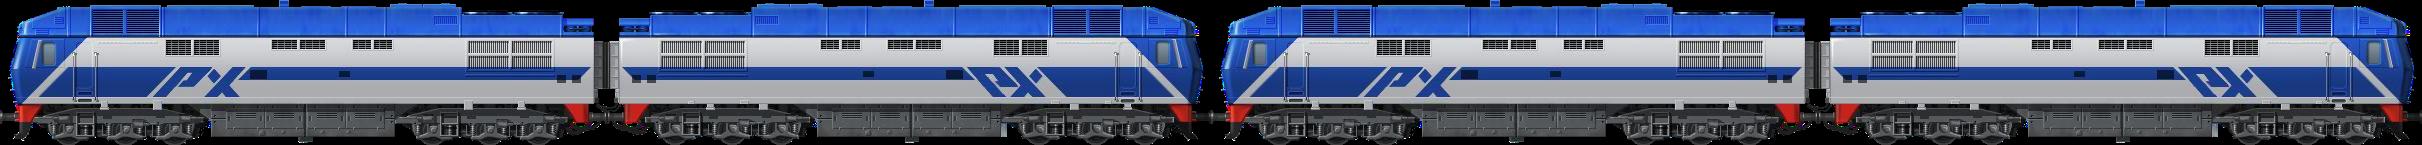 2TE70 Double